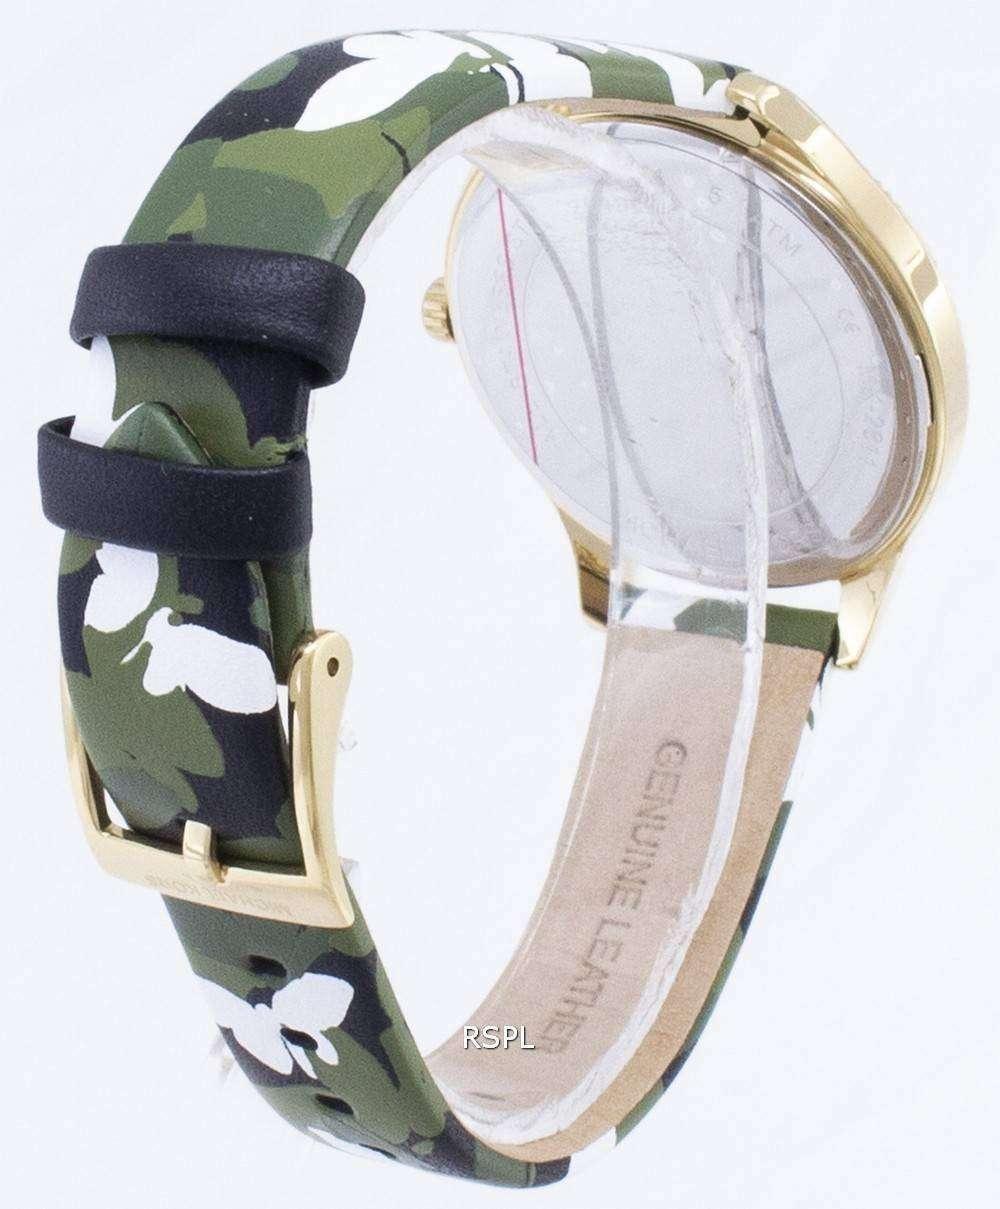 마이클 노스 렉 싱 턴 MK2811 쿼 츠 아날로그 여성용 손목시계